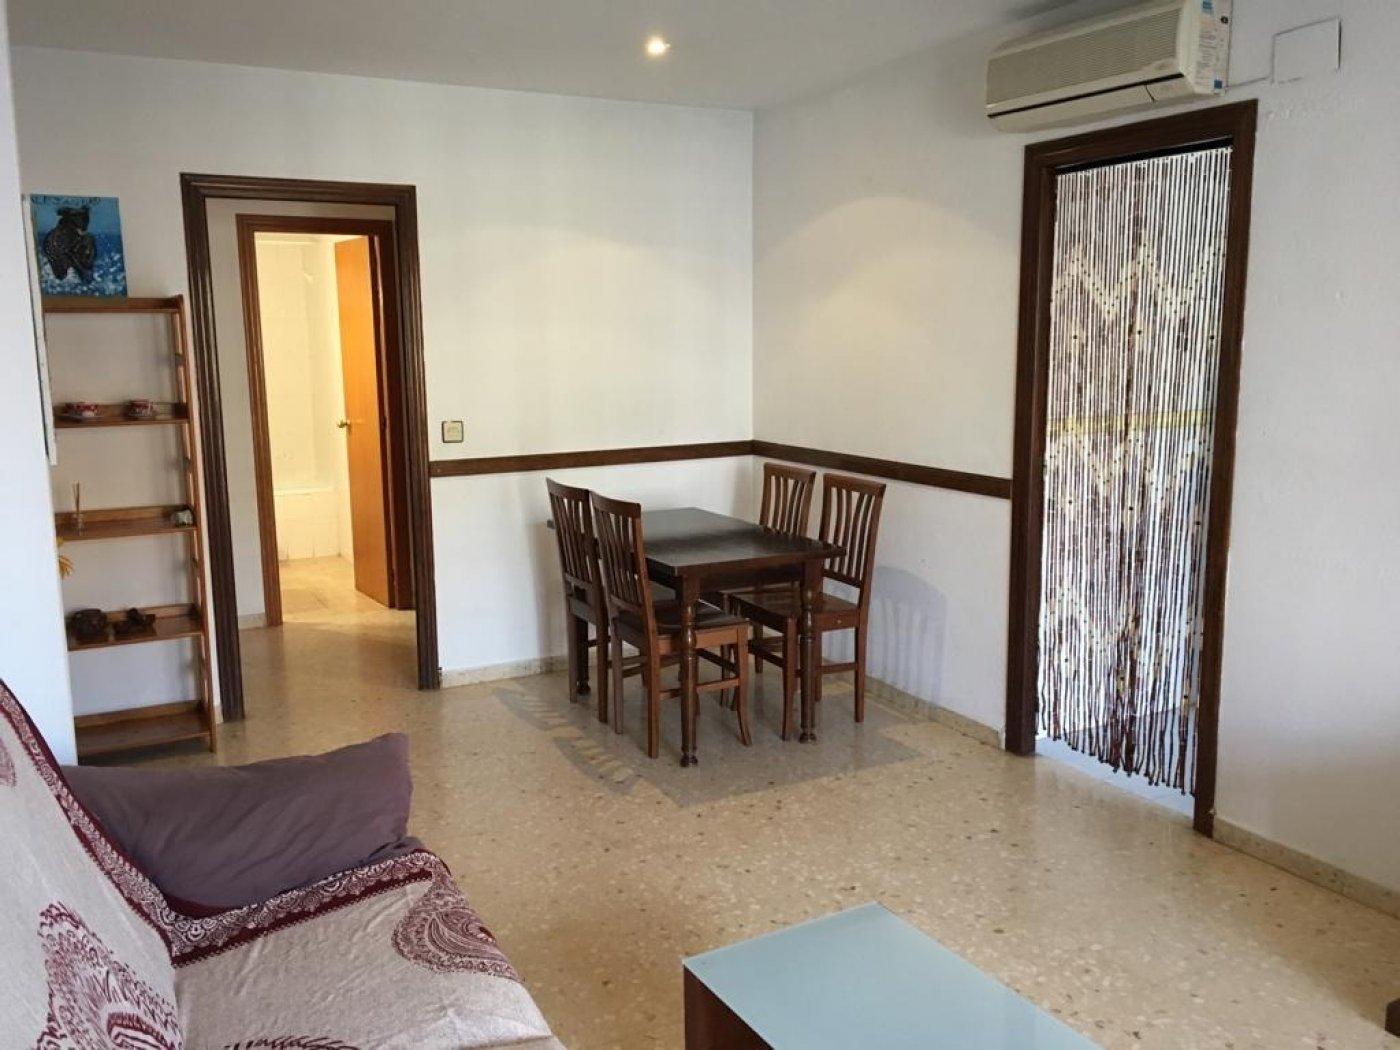 Estupendo apartamento en portsaplaya!!! - imagenInmueble3